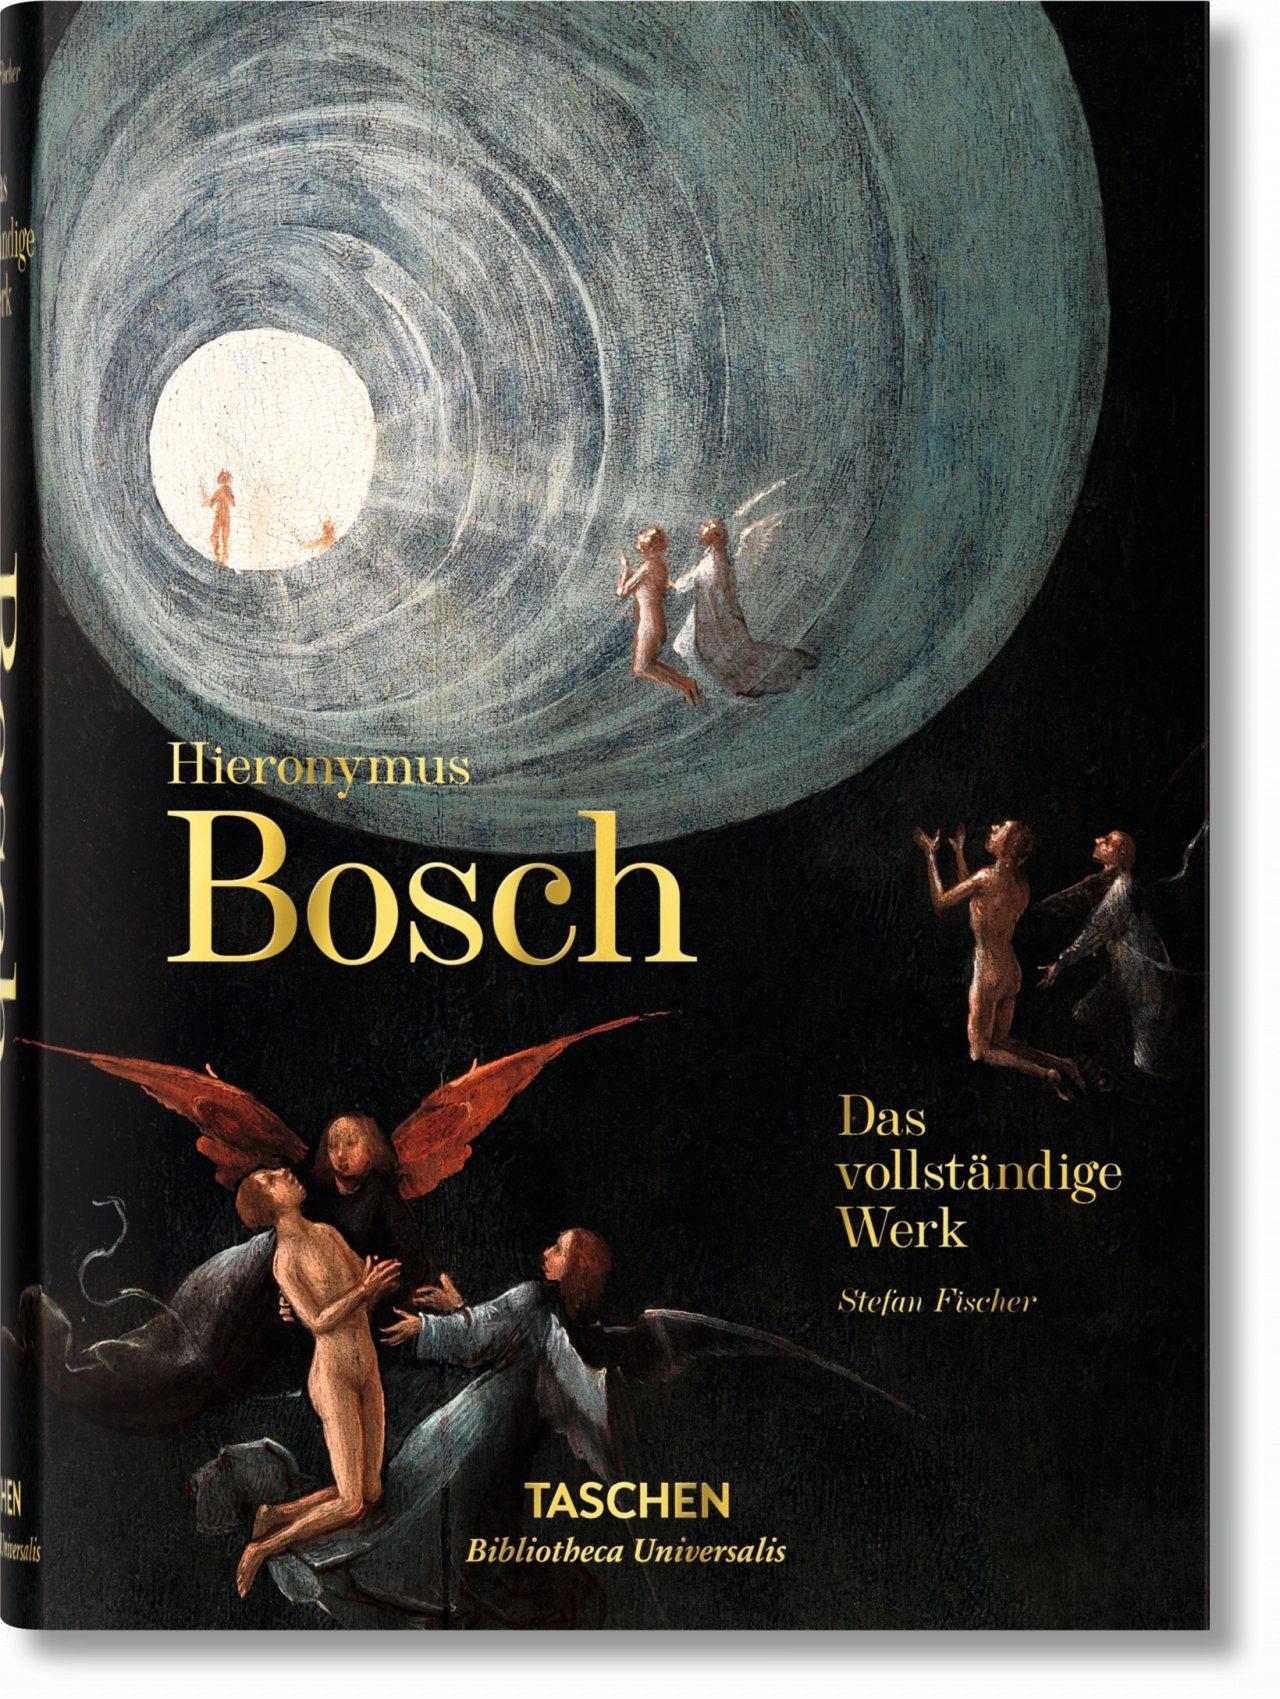 Hieronymus Bosch. Das vollständige Werk | Bibliotheca Universalis